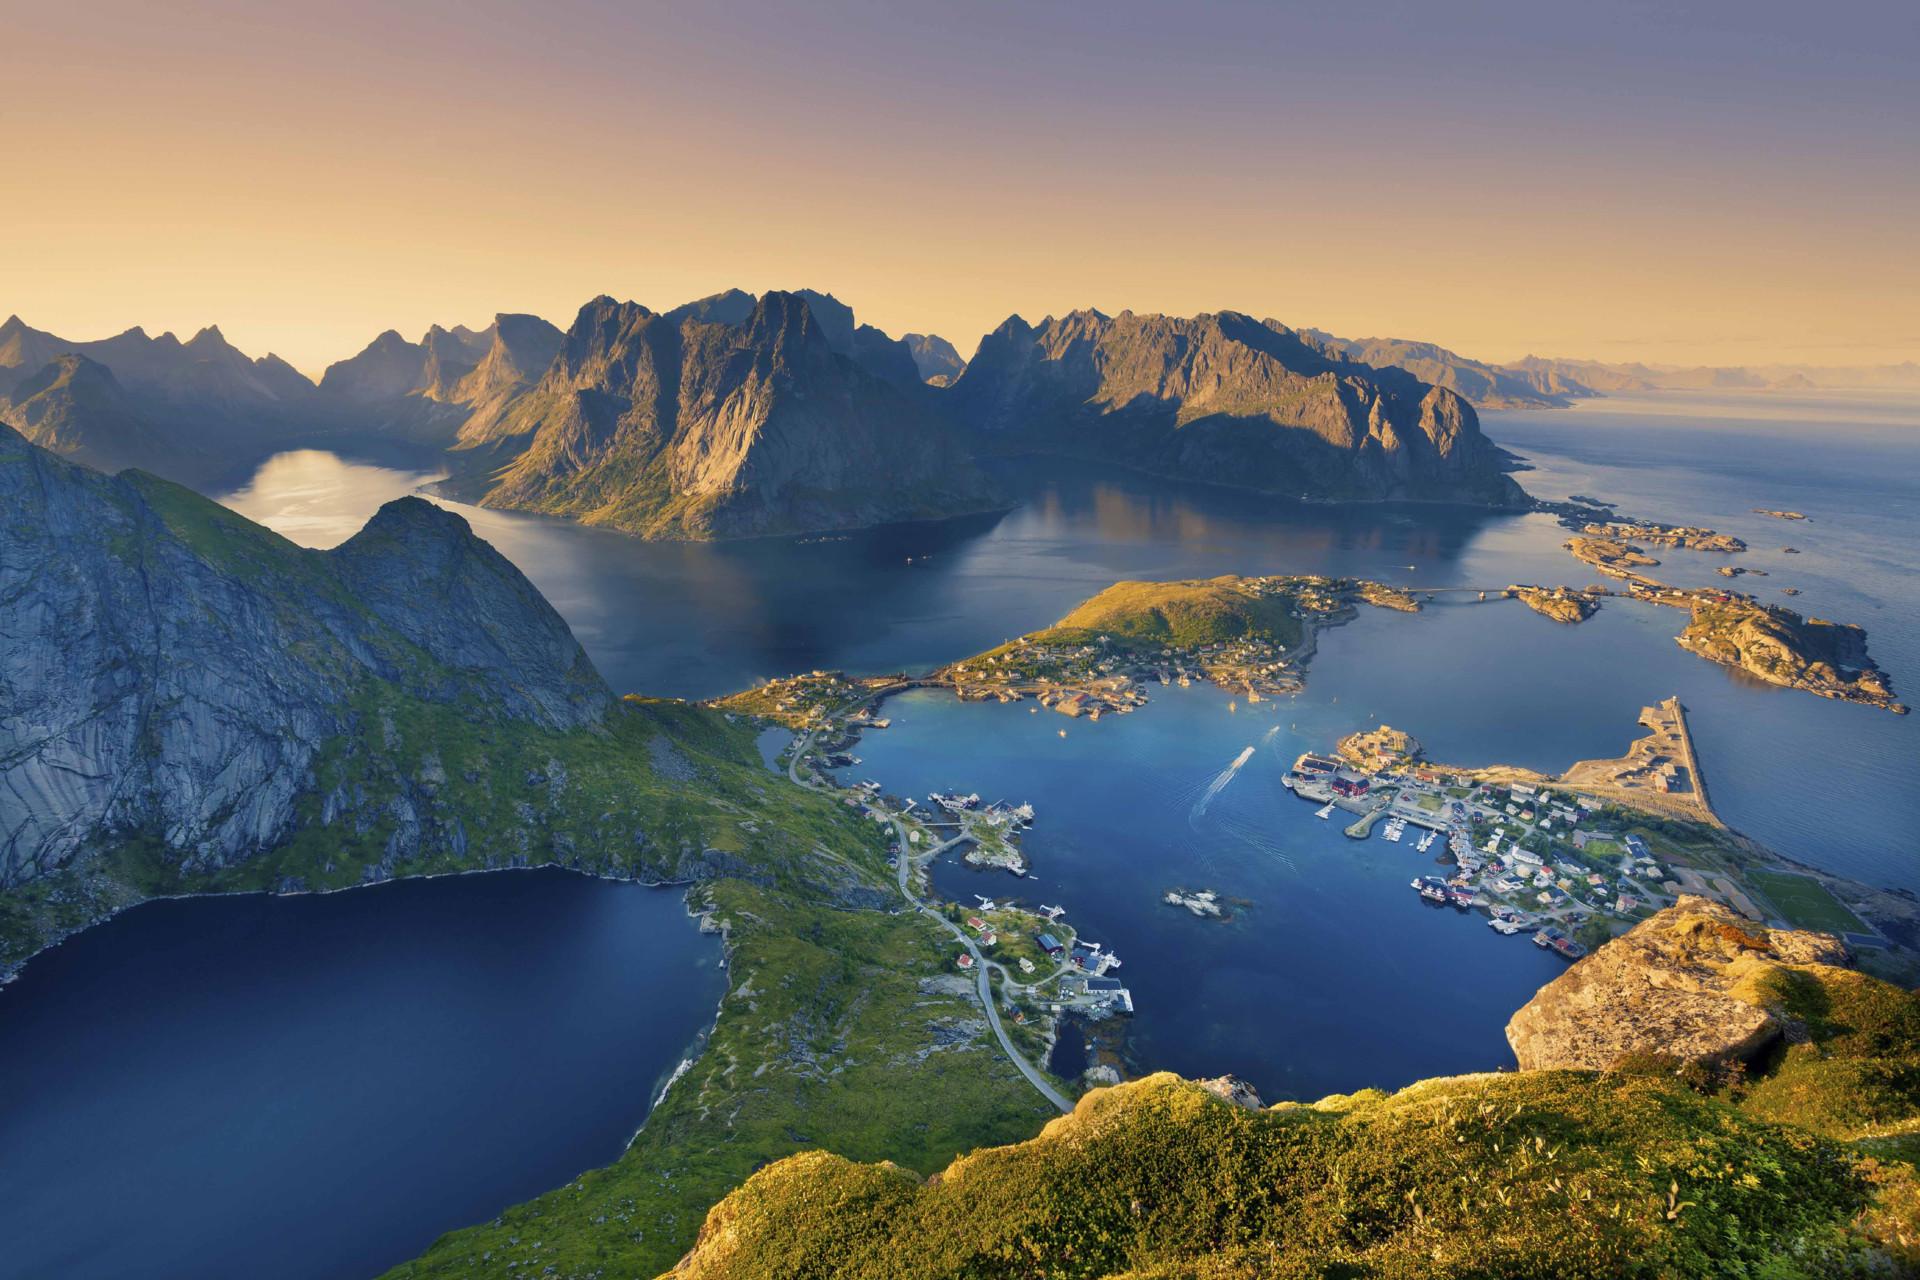 FIORDI NORVEGESI, ISOLE LOFOTEN ED IL SOLE DI MEZZANOTTE | Tour della Norvegia